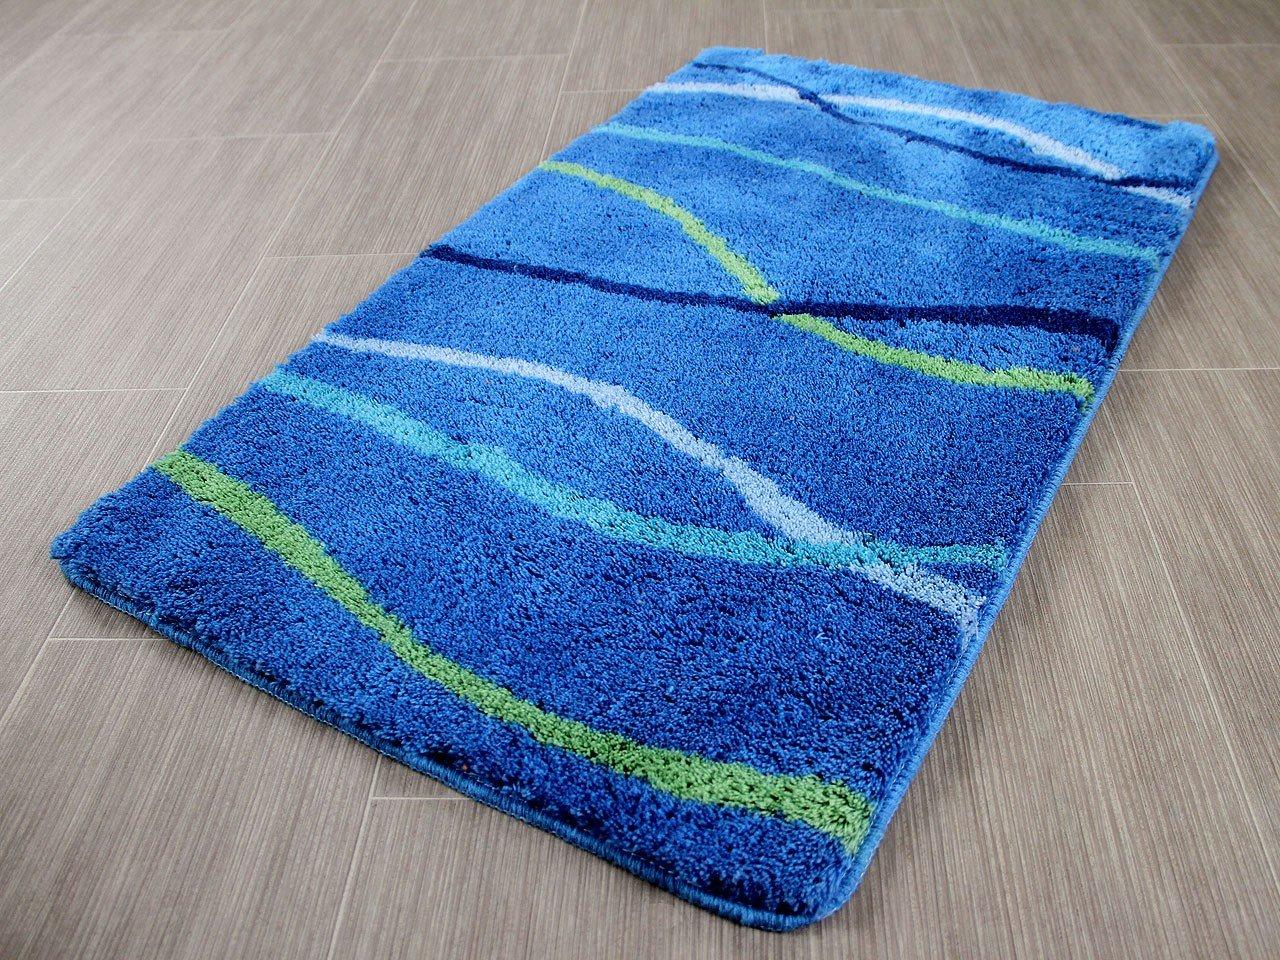 Pacific Badteppich Nevis Blau Streifen in 5 Größen